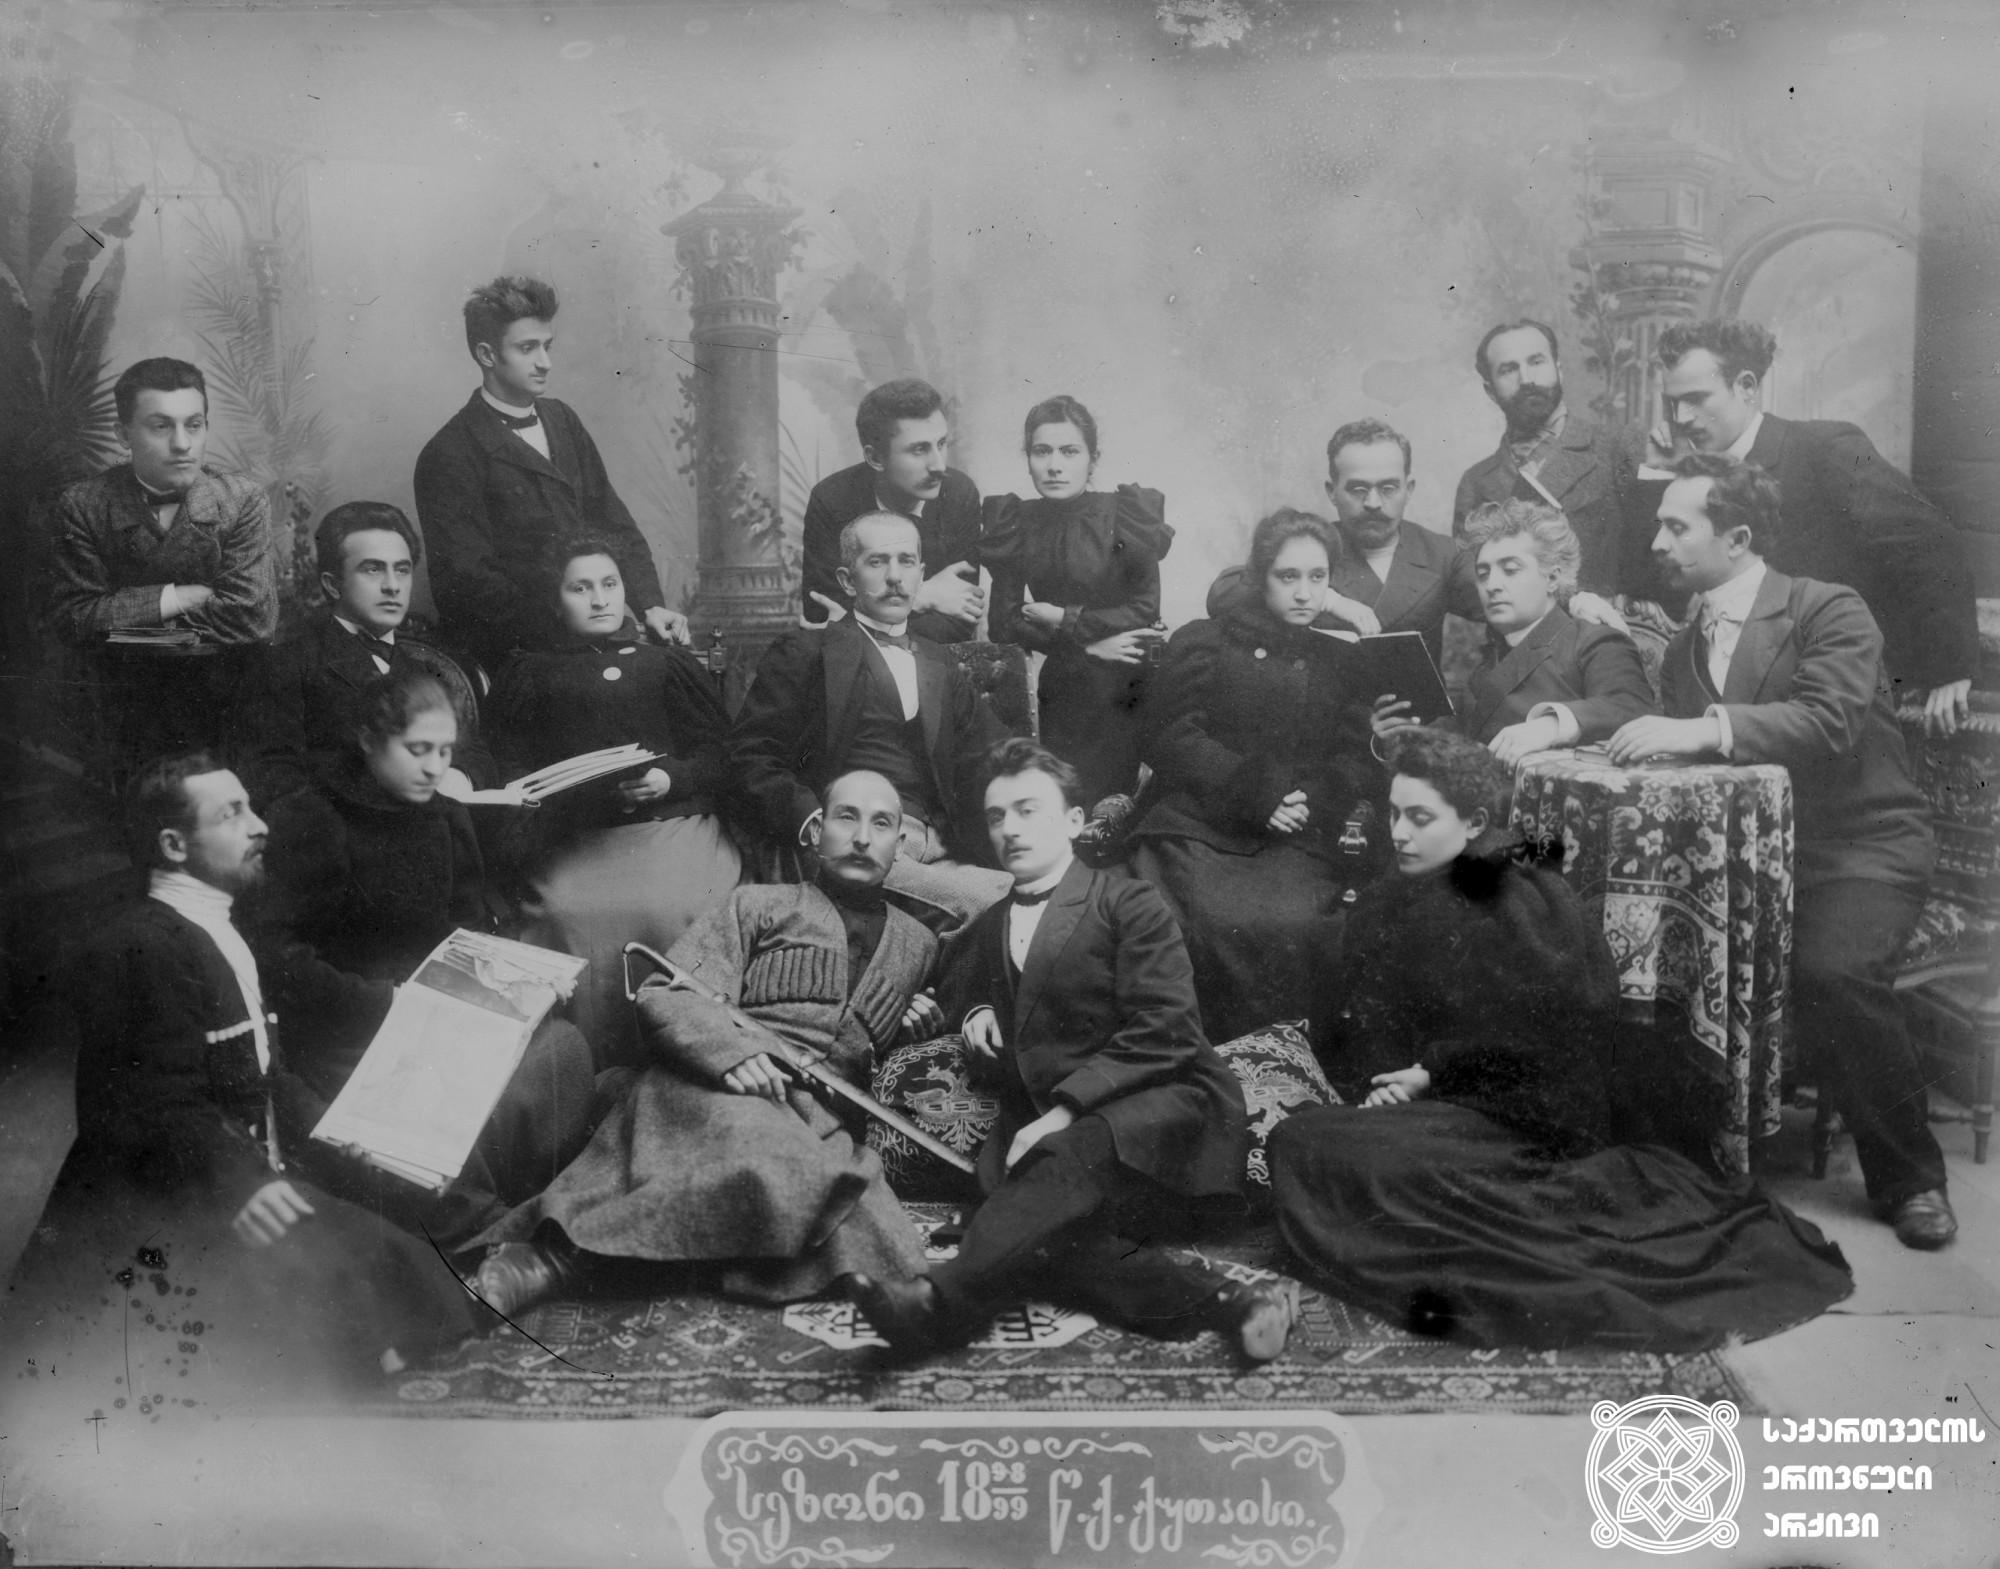 ქუთაისის თეატრის 1898/99 წლის სეზონი. <br> თეატრის წევრებს შორის: კოტე ყიფიანი, ლადო მესხიშვილი, ნუცა ჩხეიძე, შალვა დადიანი, ვასო ბალანჩივაძე, ნემო (მიხეილ ჯანოევი), გ. გამყრელიძე. <br> მინის ნეგატივი 12X16. <br> Season of the Kutaisi Theater 1898/99. <br> Among the members of the theater: Kote Kipiani, Lado Meskhishvili, Nutsa Chkheidze, Shalva Dadiani, Vaso Balanchivadze, Nemo (Mikheil Janoev), G. Gamkrelidze. <br> Glass negative 12X16.